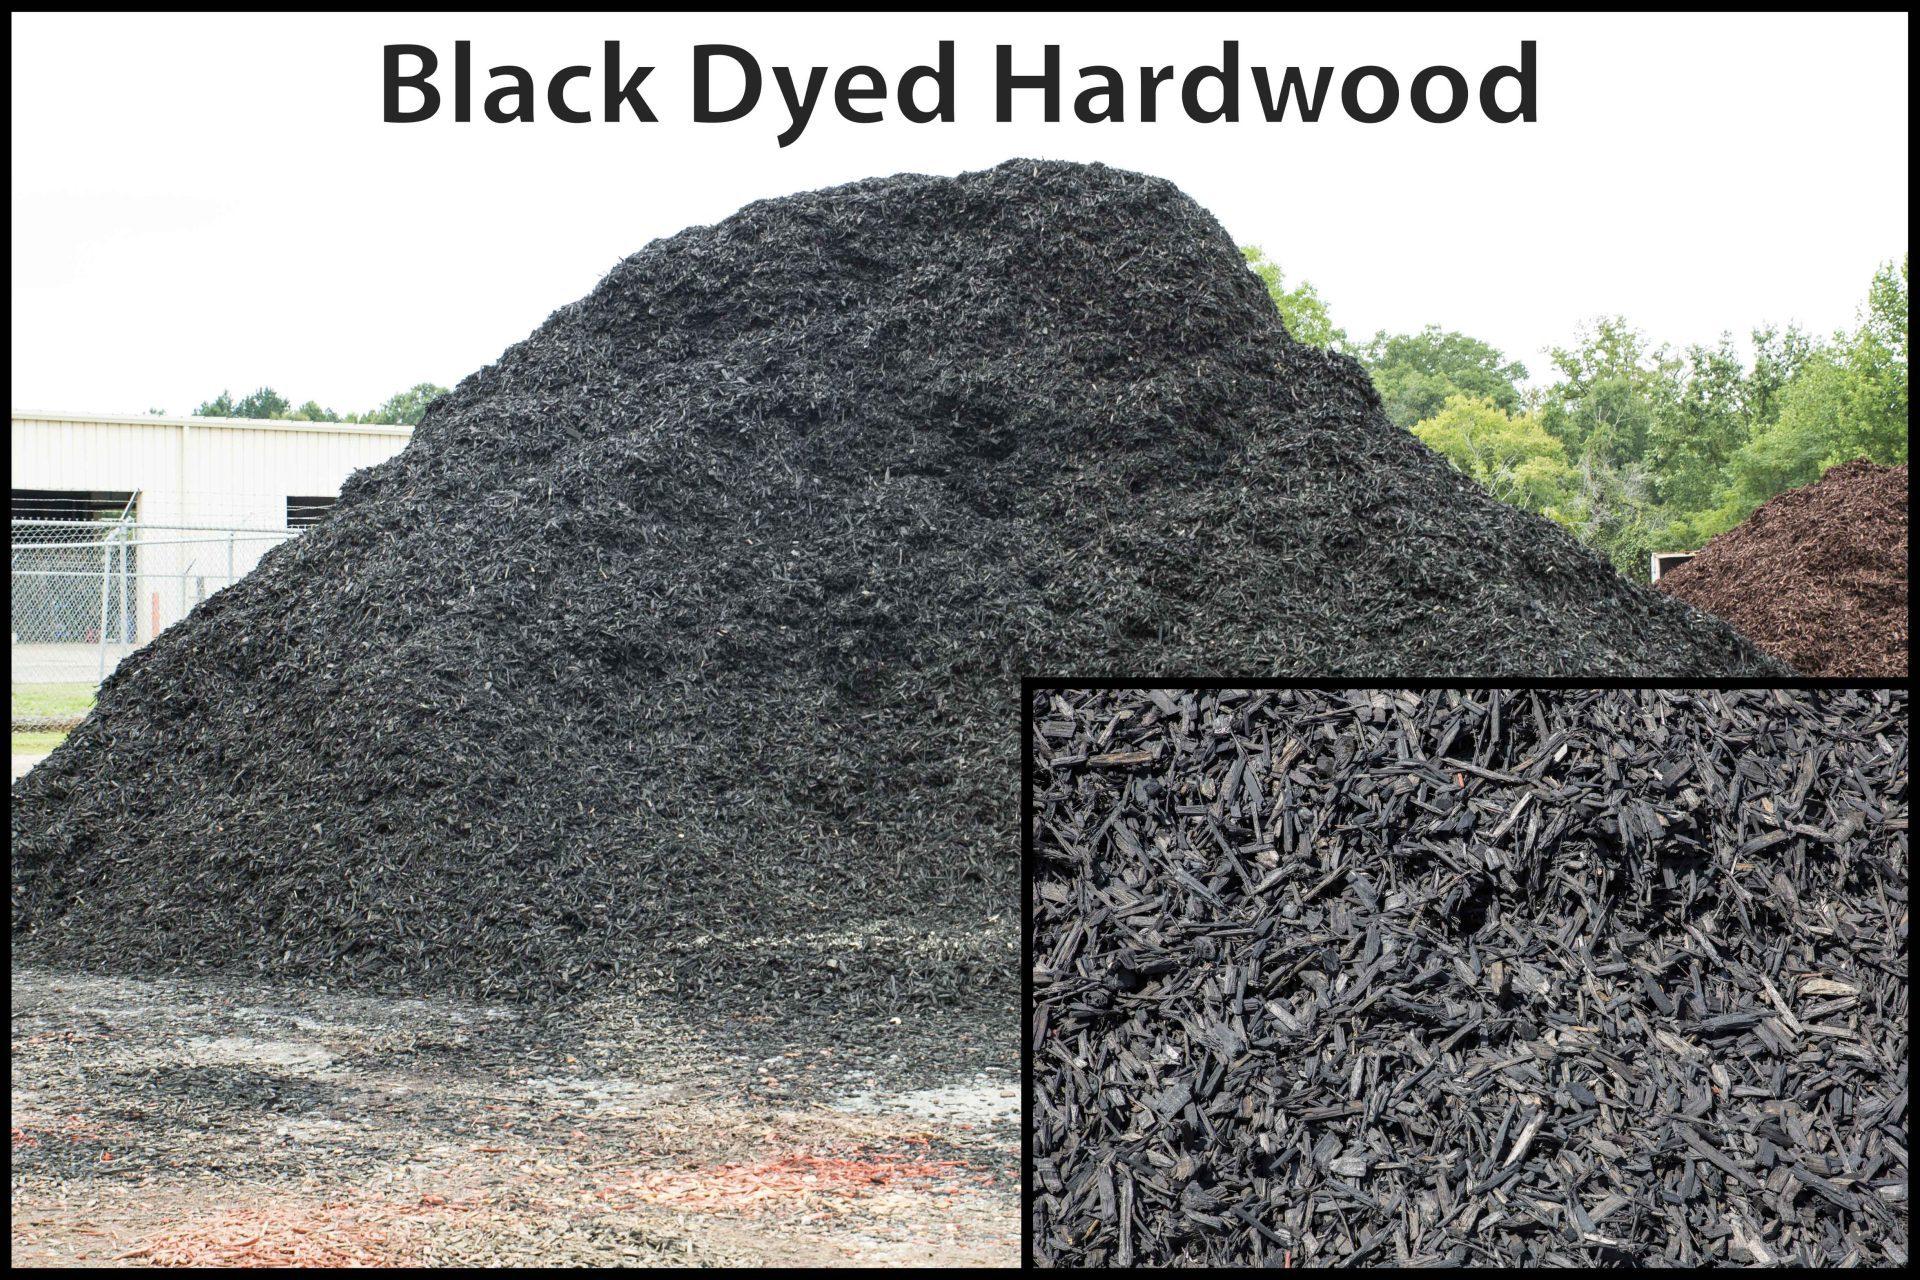 Black Dyed Hardwood